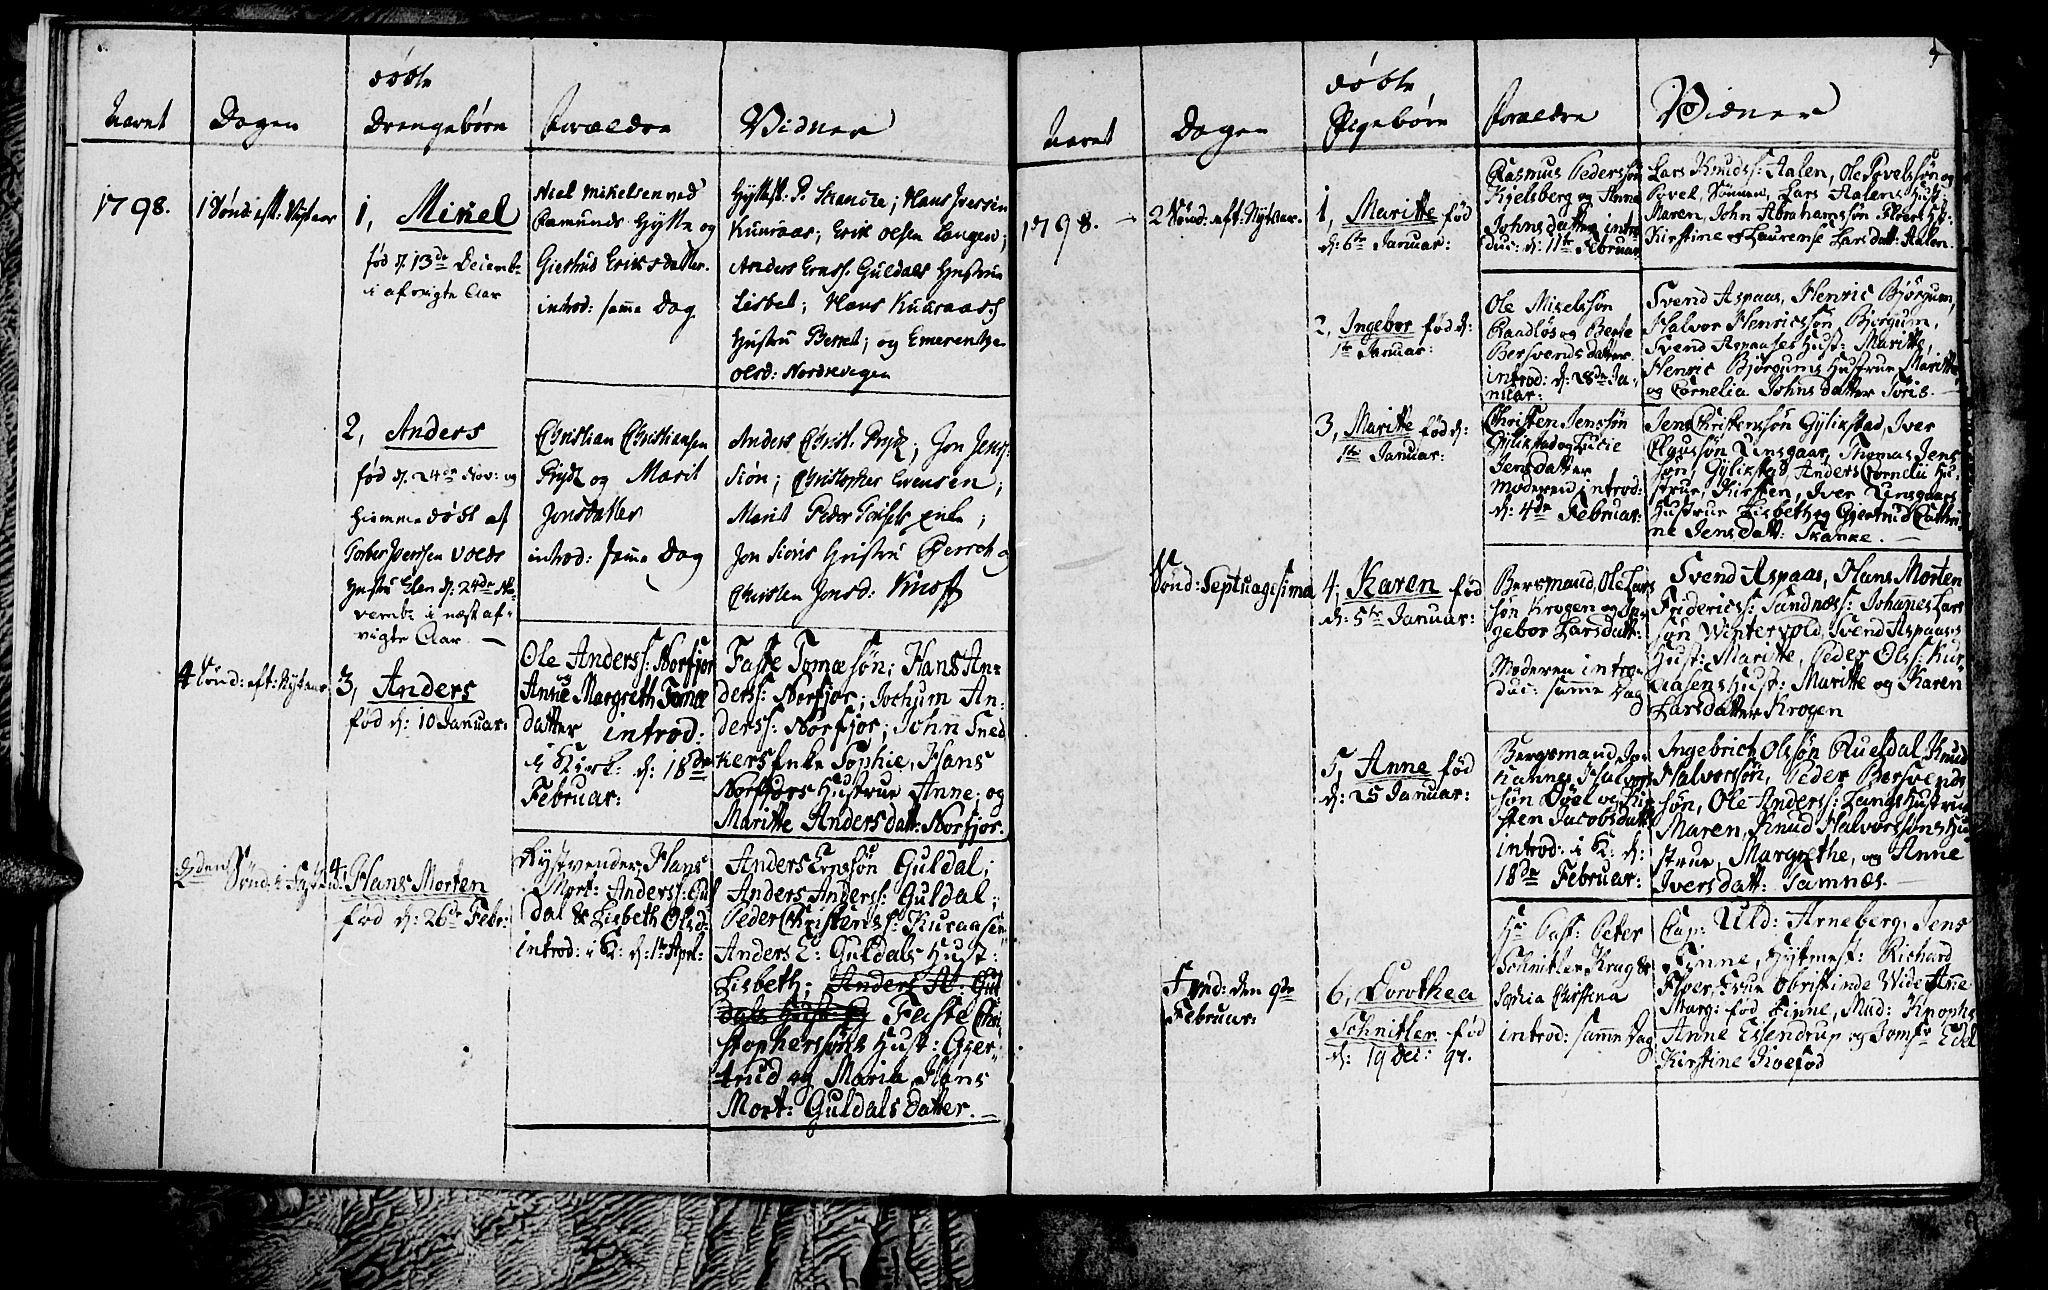 SAT, Ministerialprotokoller, klokkerbøker og fødselsregistre - Sør-Trøndelag, 681/L0937: Klokkerbok nr. 681C01, 1798-1810, s. 9